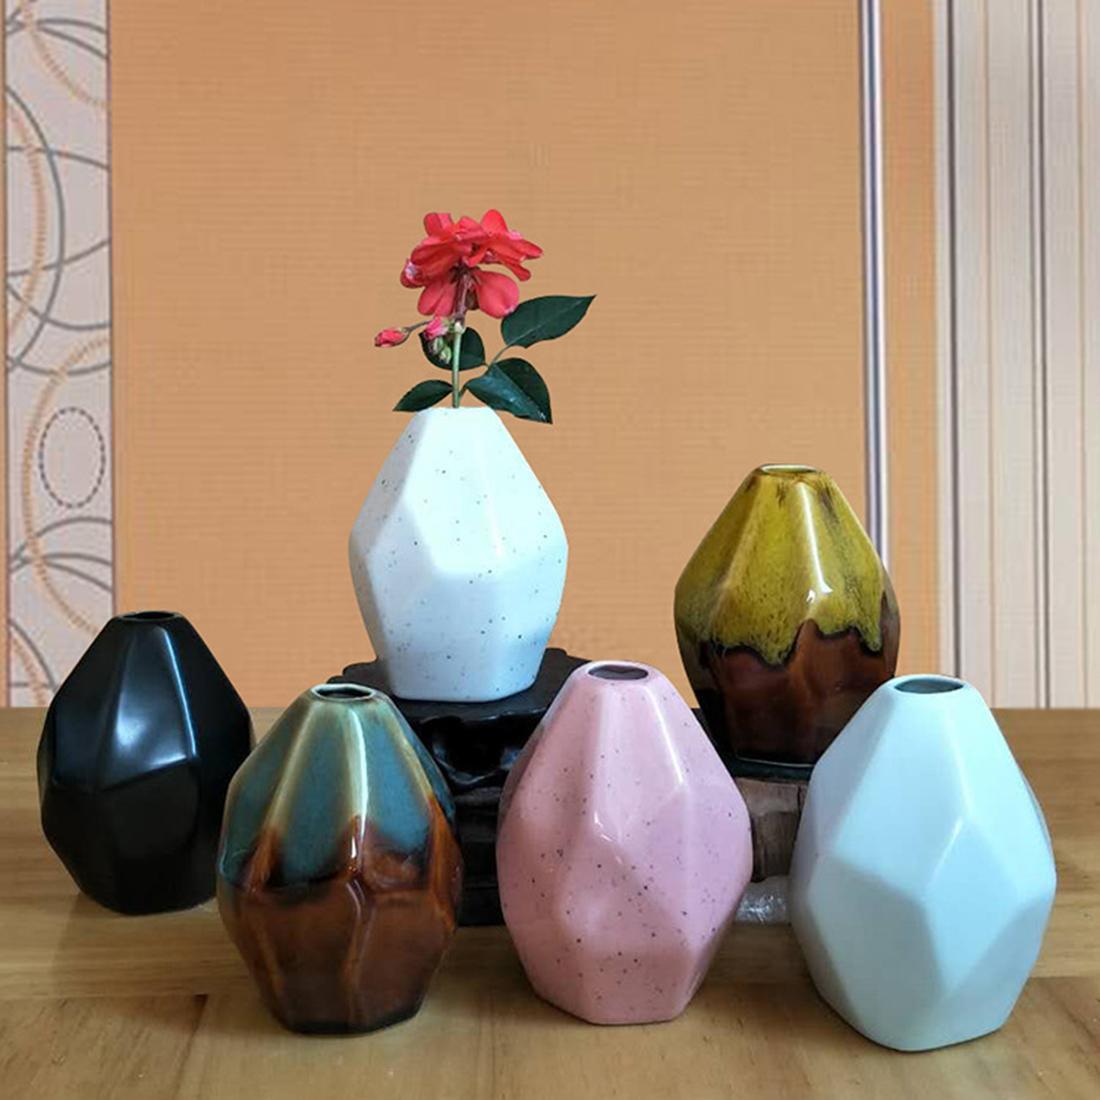 cheap turquoise vases of 19 lovely big floor vase with flowers bogekompresorturkiye for european style ceramic vase lovely jardiniere flower holder multiaspect geometryome desktop orname